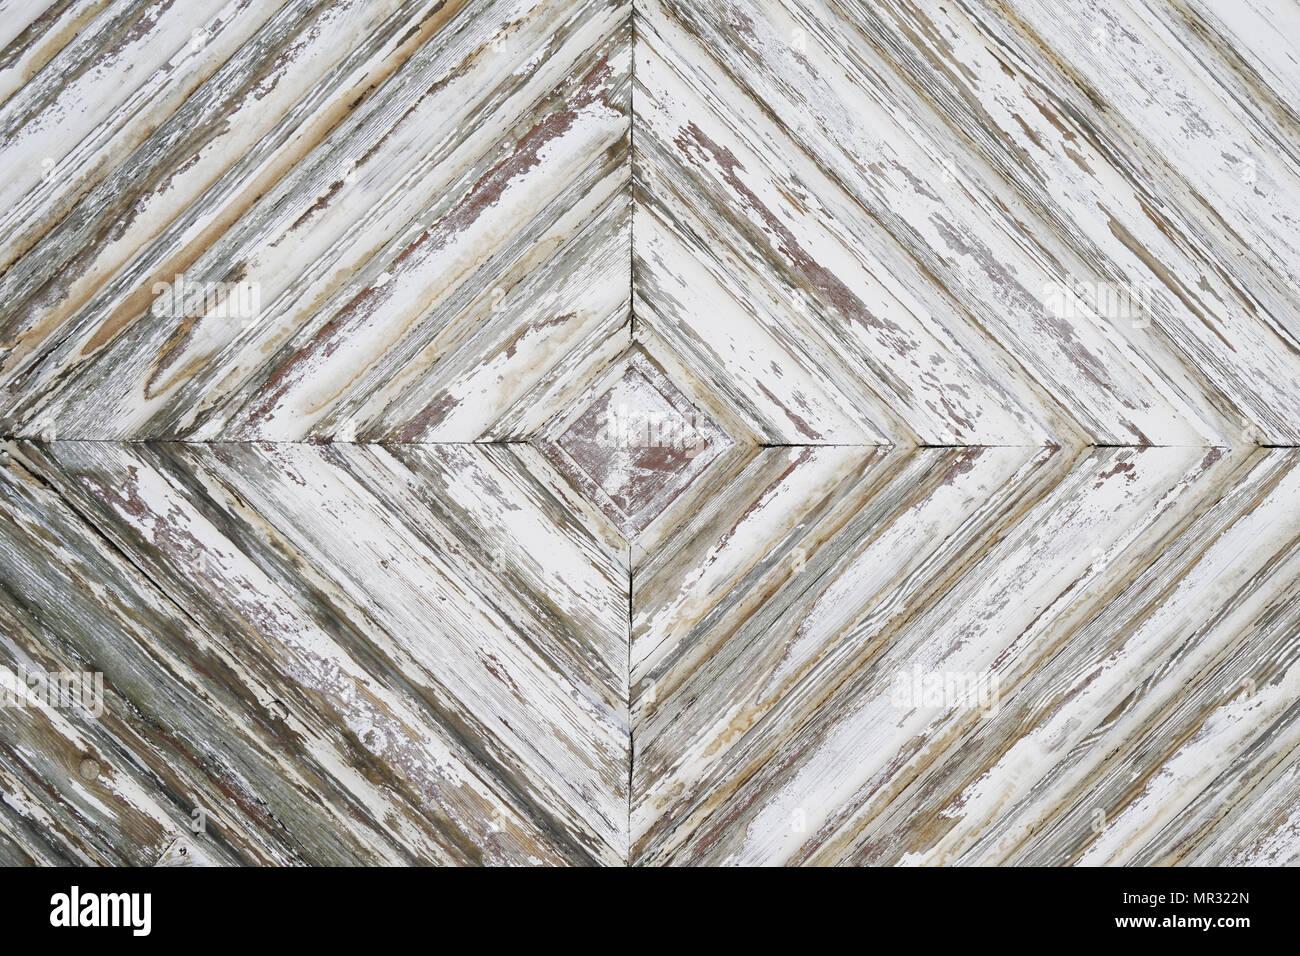 Paneles de madera angustiado patrón de textura de fondo, detalle de la antigua puerta de madera desgastada con pintura blanca pelando Imagen De Stock